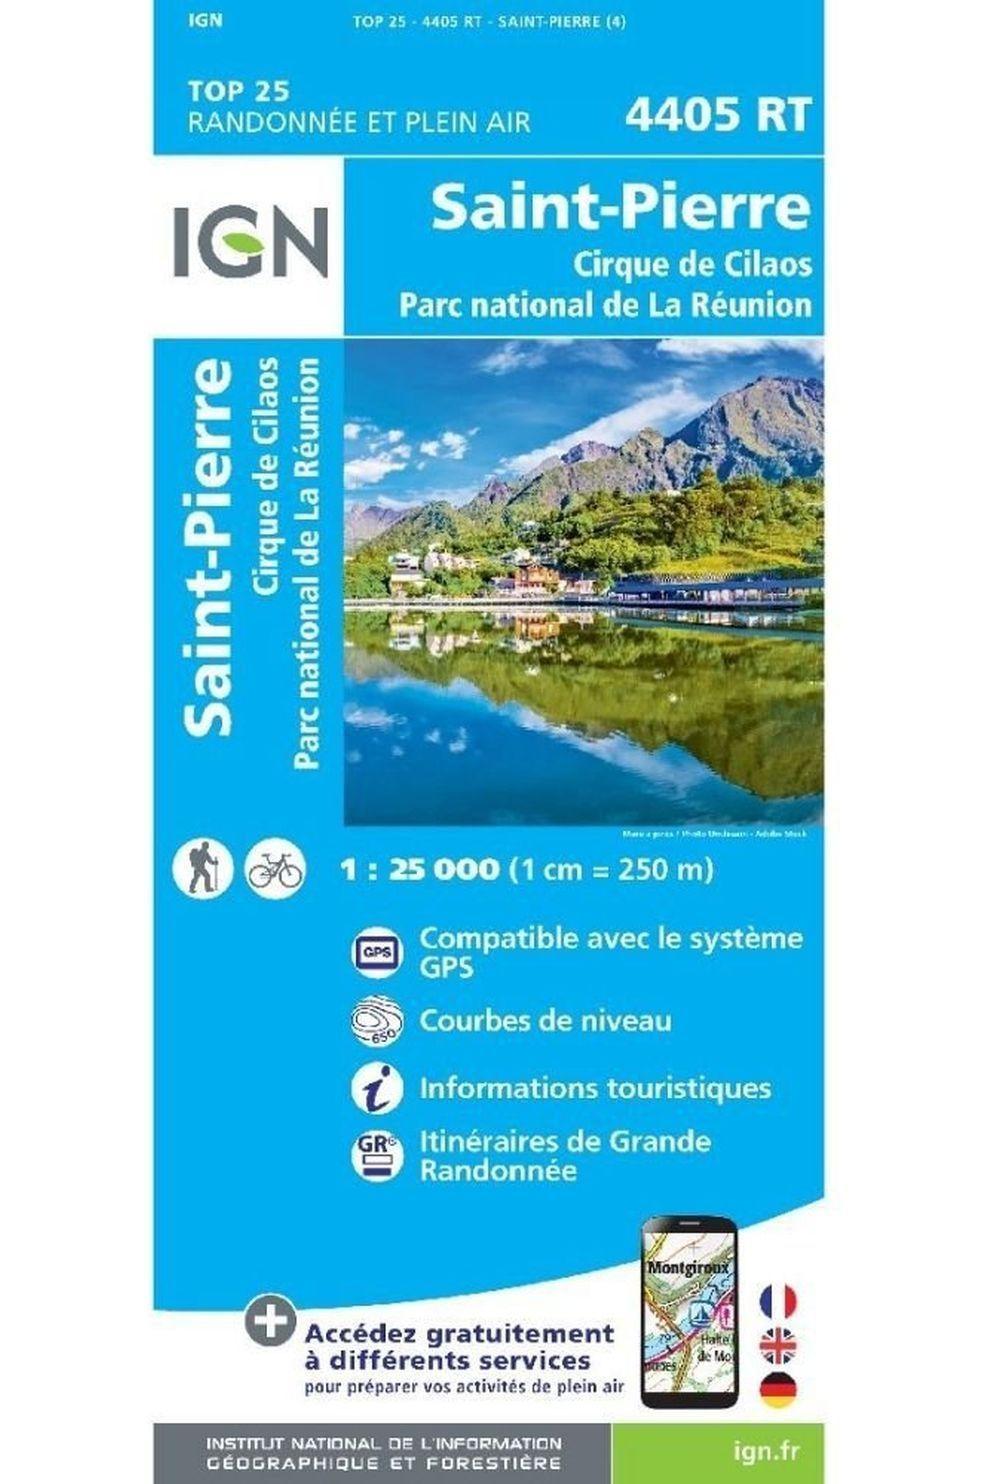 IGN St-Pierre - Cirque De Cilaos (Ile Réunion) Gps - 2020